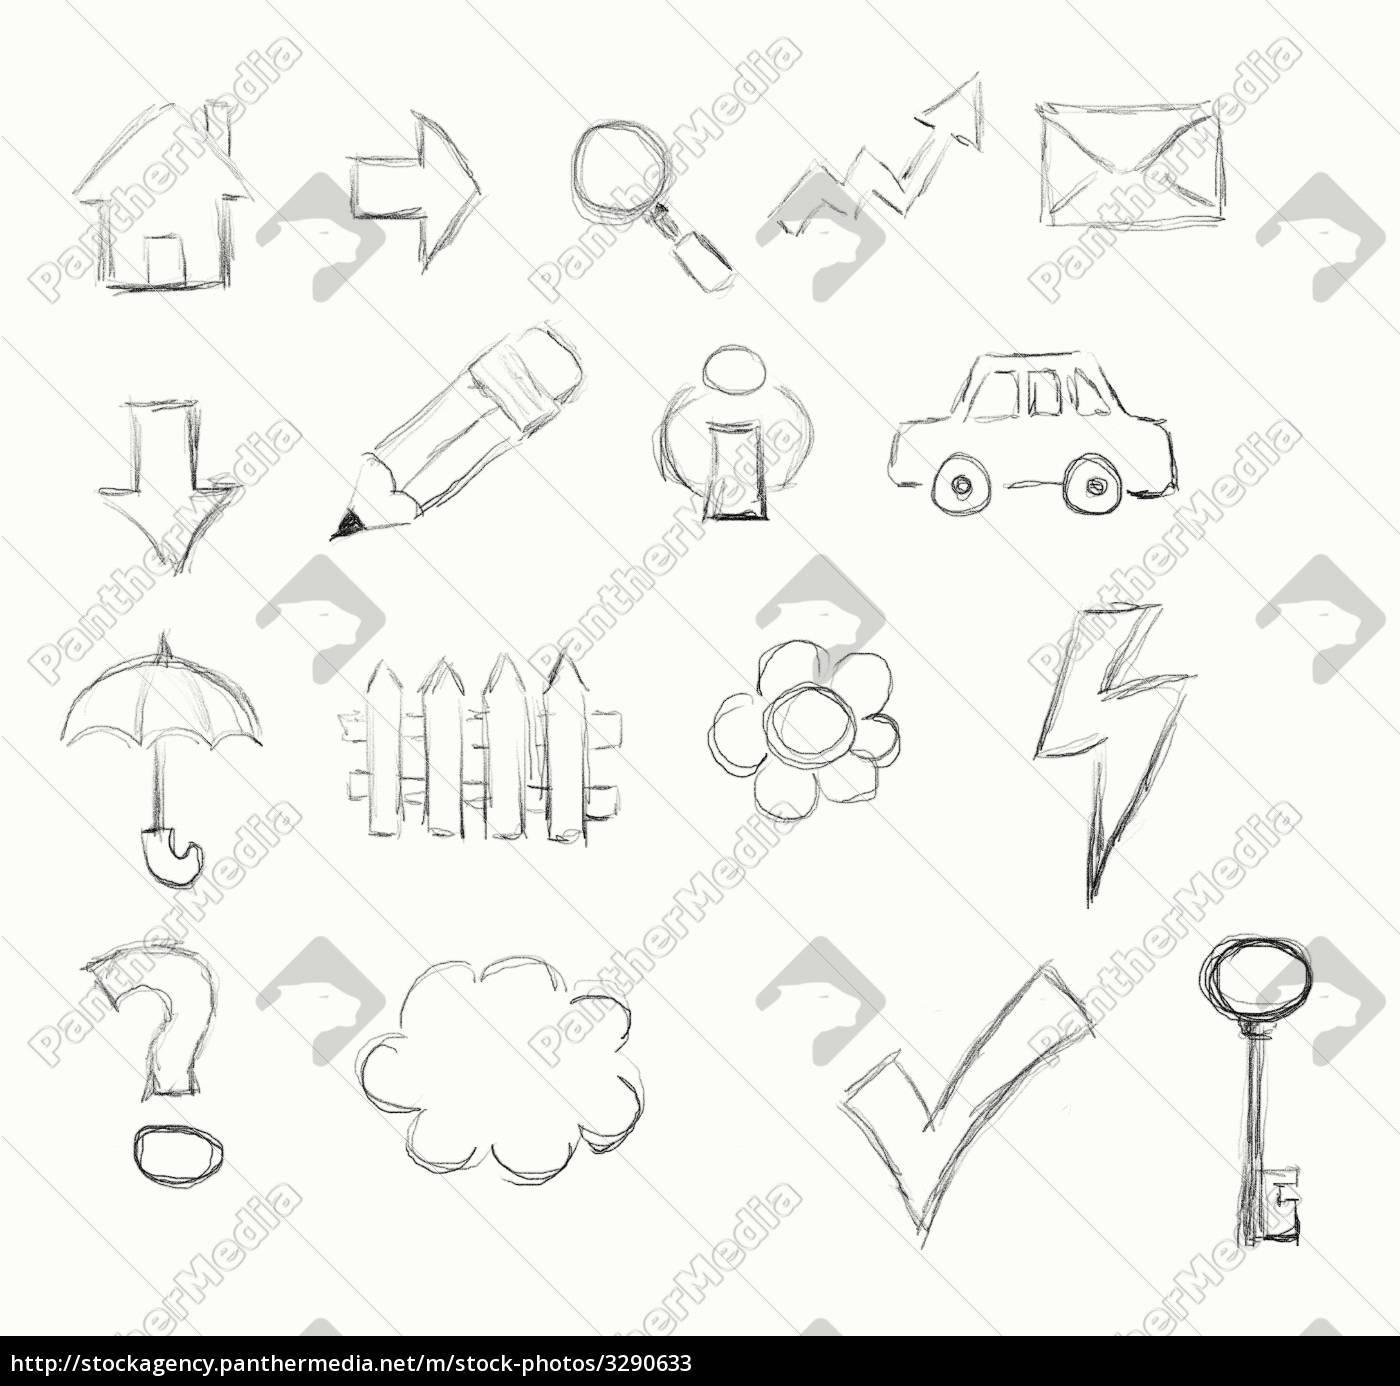 drawn, icons - 3290633